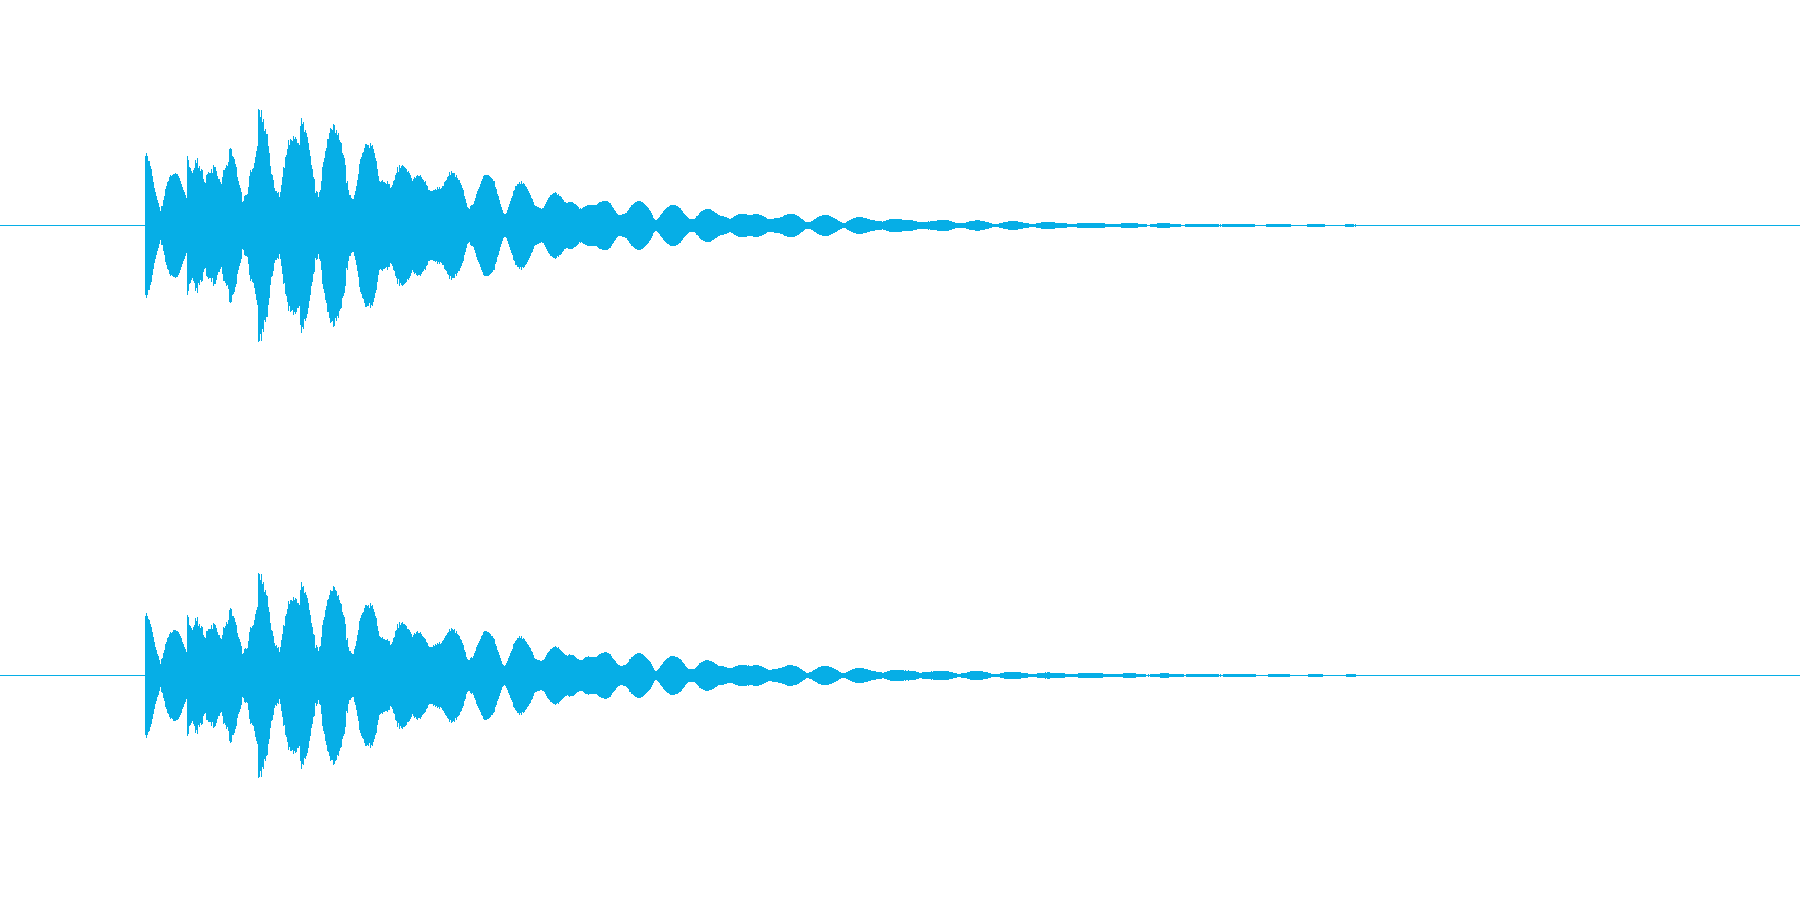 ピポーン(高めに響く決定音)の再生済みの波形